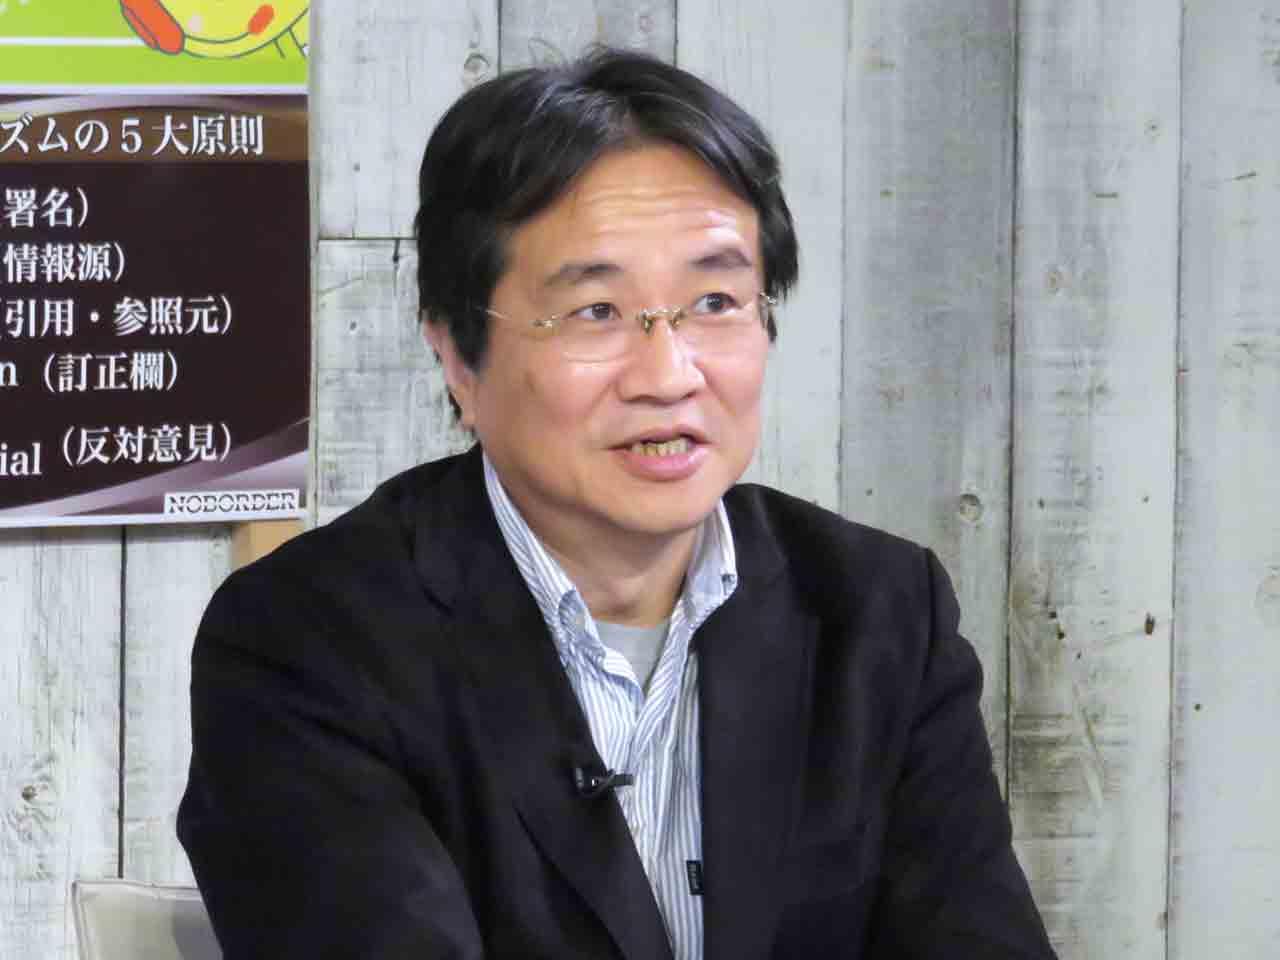 「ニューズ・オプエド」に、著述家の本間龍氏が生出演!特集『Monthly Tokyoインパール2020への道』について、お話しを伺います!